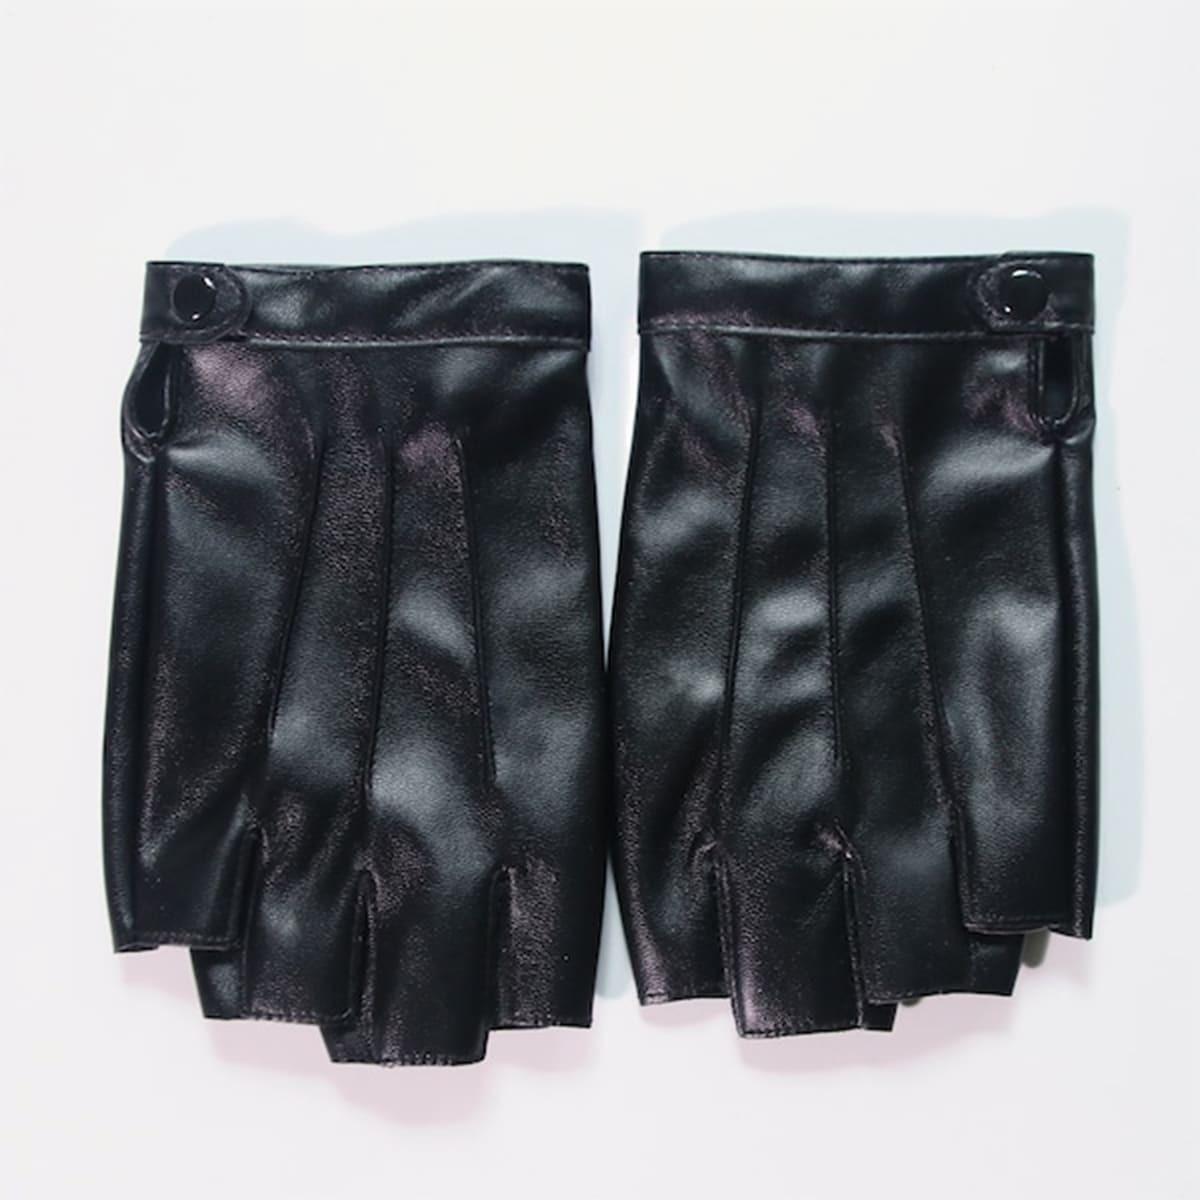 Перчатки без пальцев для мужчины от SHEIN